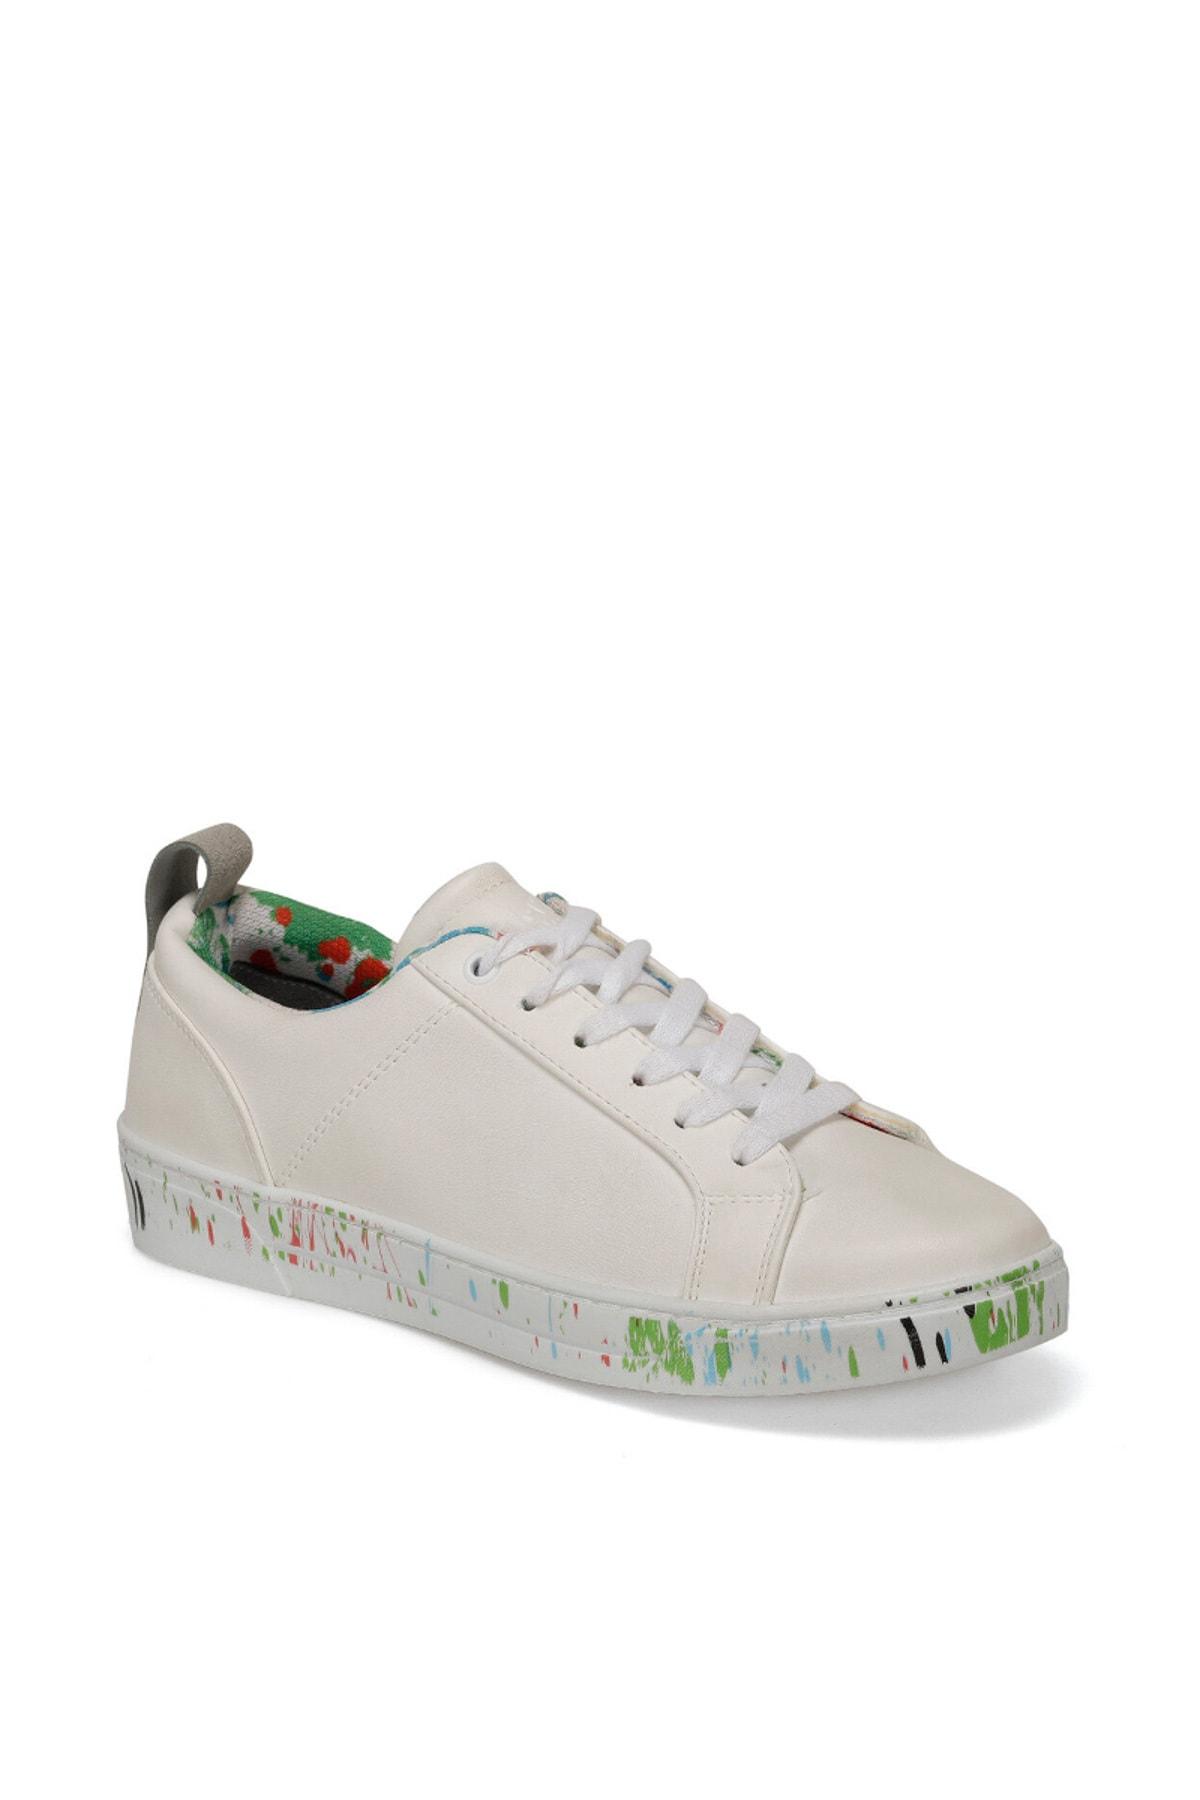 lumberjack VELLA 9FX Beyaz Kadın Sneaker Ayakkabı 100435863 1